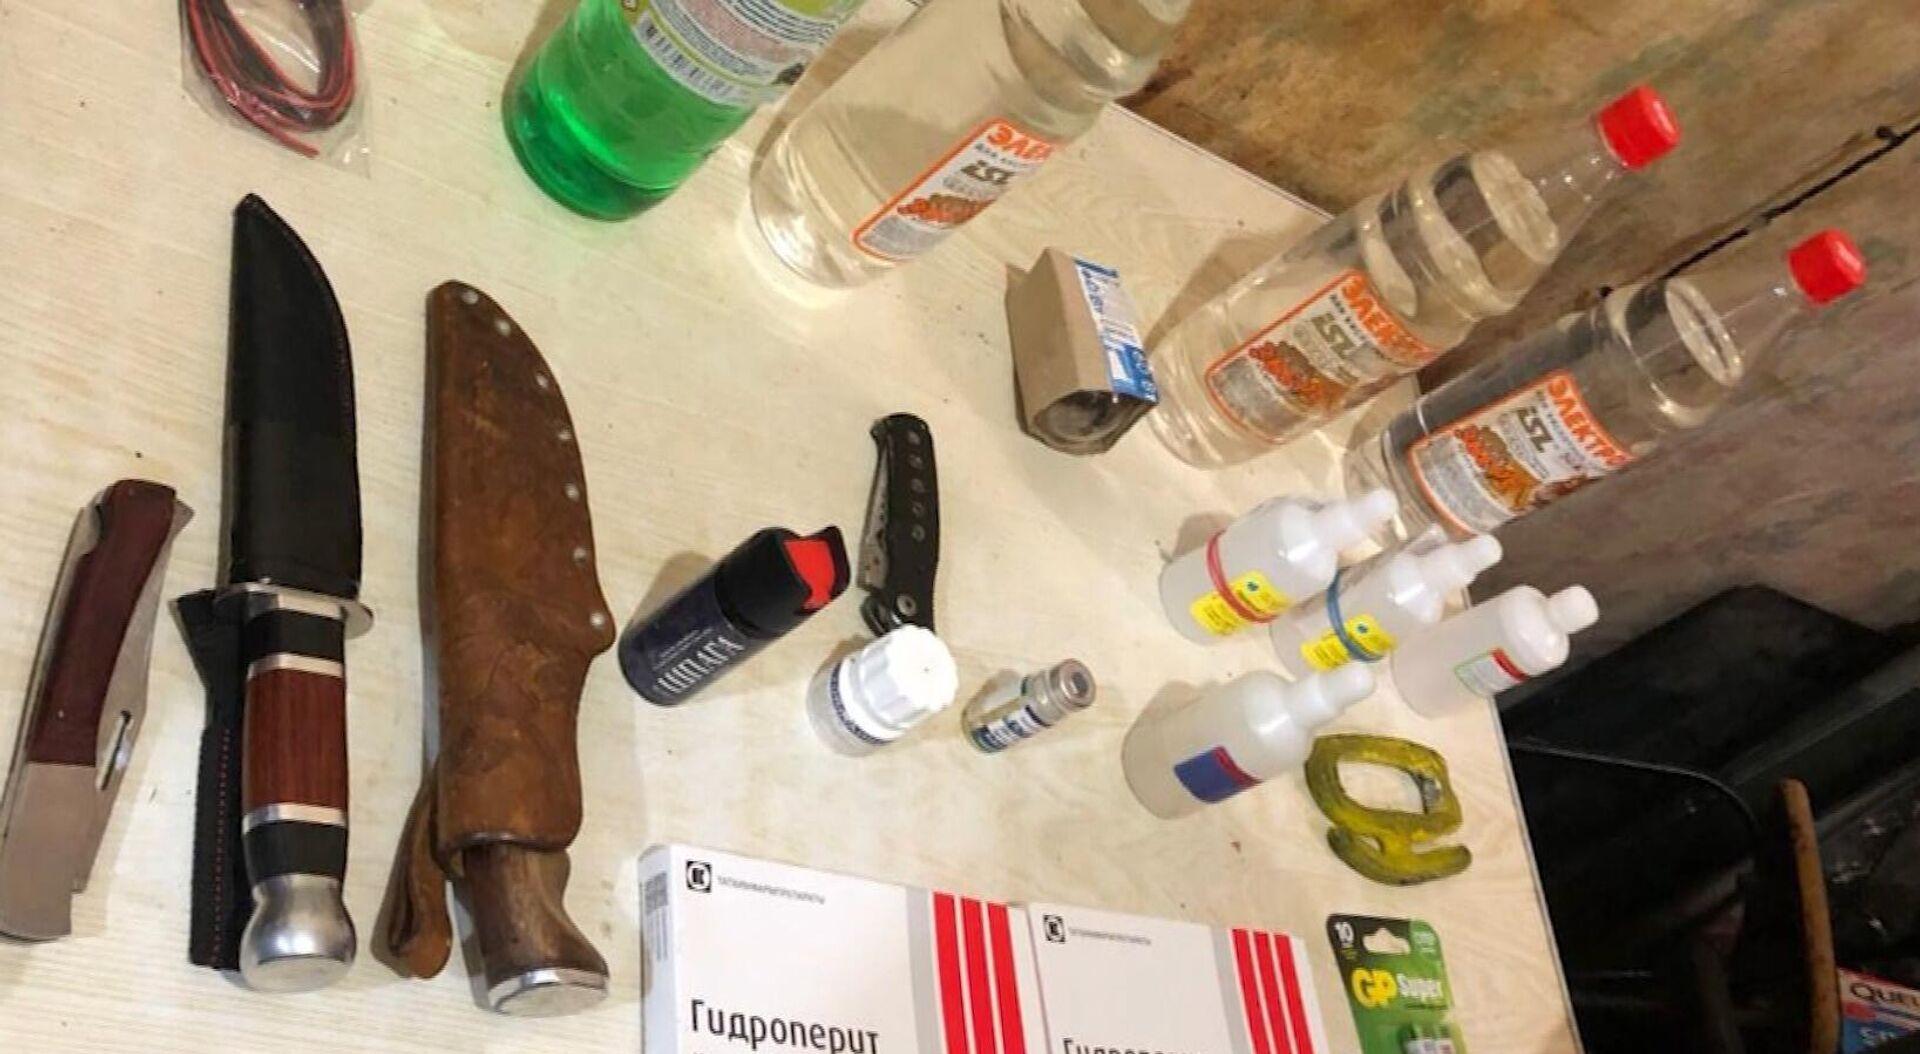 Los componentes para fabricar explosivos encontrados por el FSB en Vladivostok - Sputnik Mundo, 1920, 30.09.2021